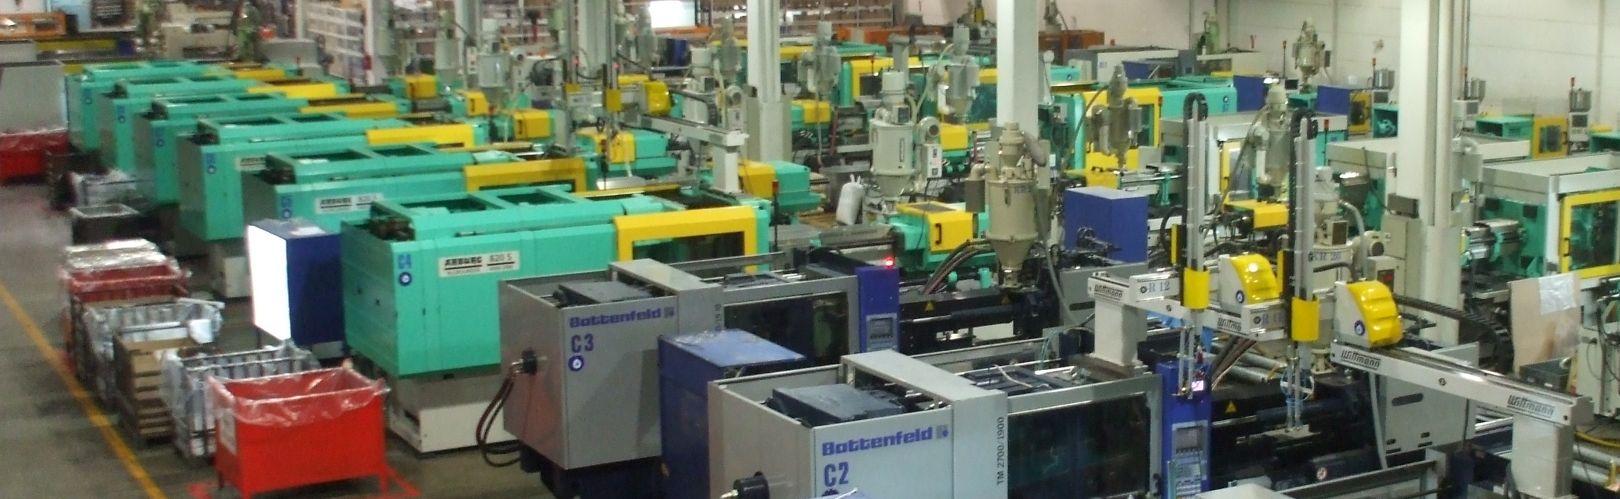 Avtomatizacija in planiranje proizvodnje